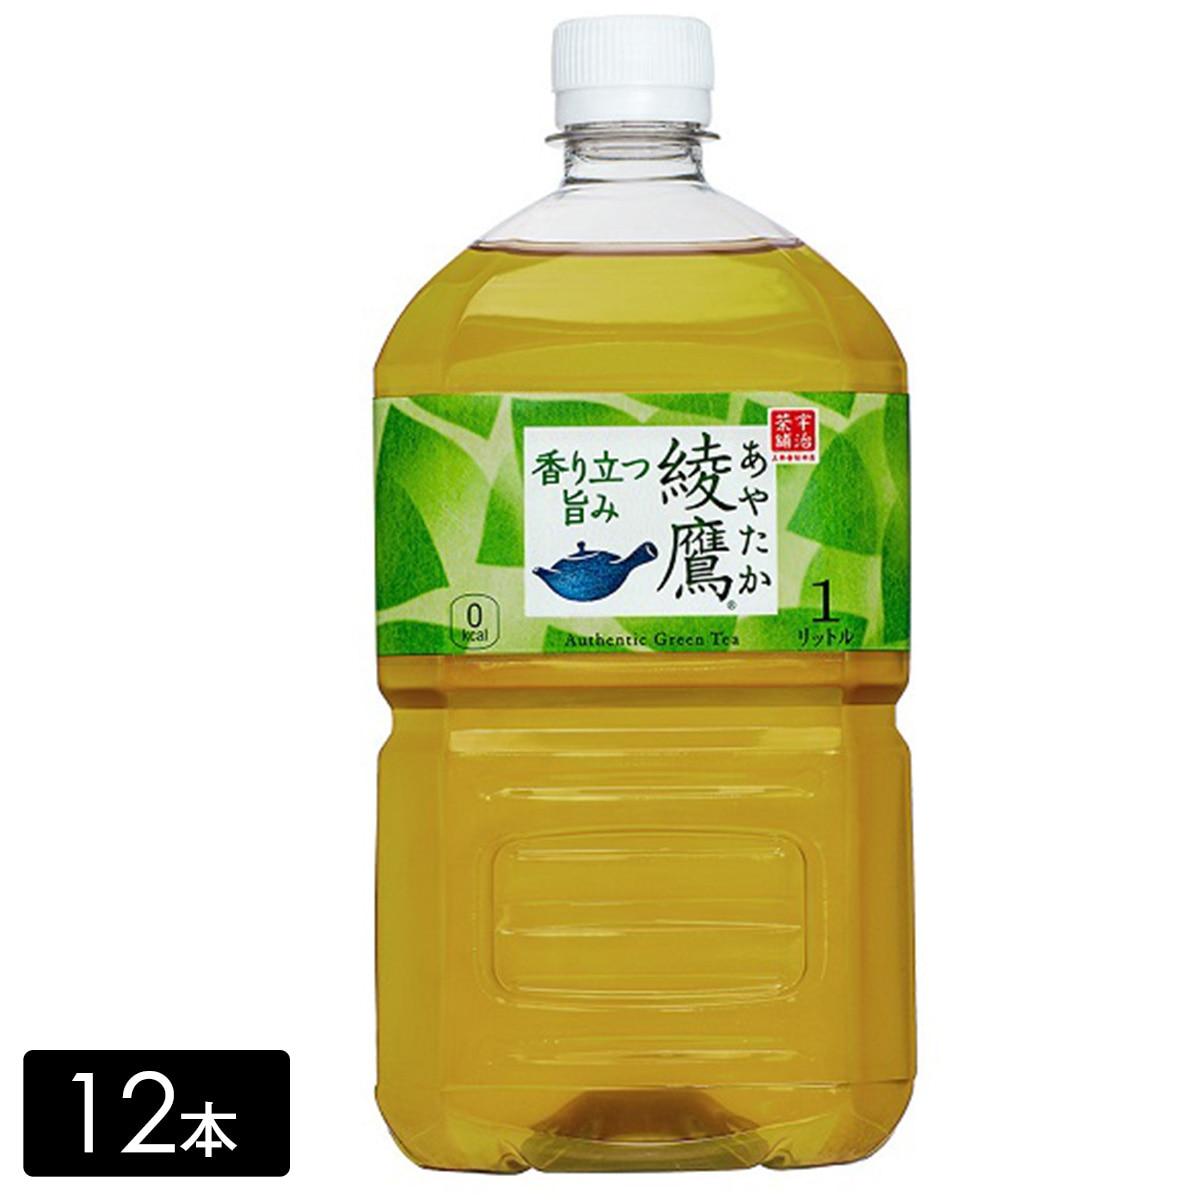 綾鷹 緑茶 1L×12本